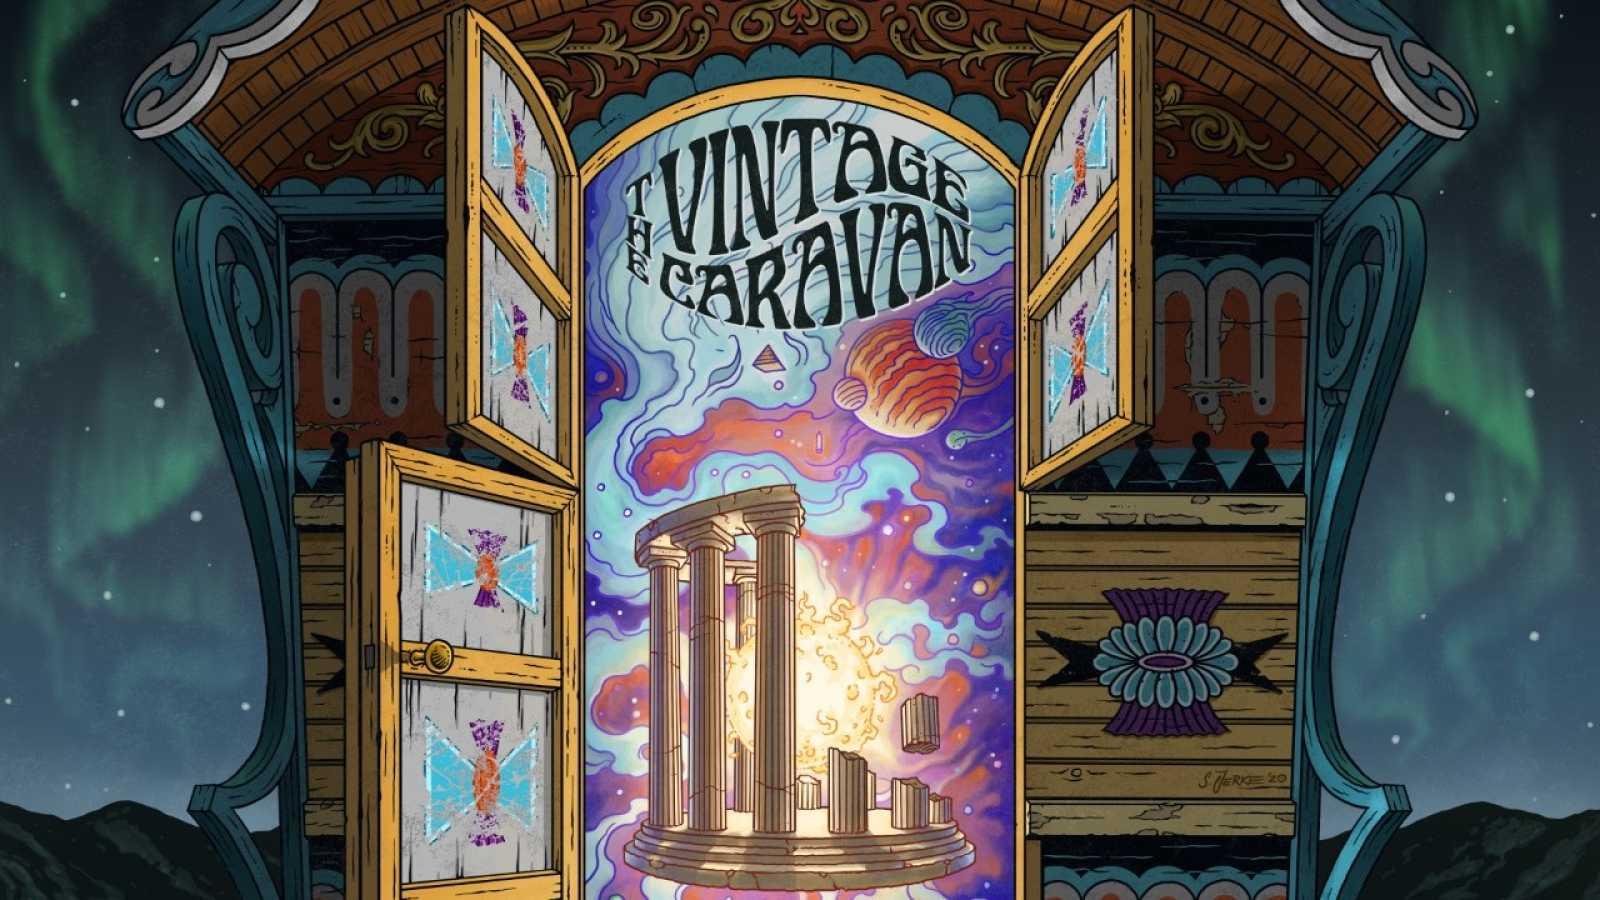 El vuelo del Fénix - The Vintage Caravan - 04/02/2 - escuchar ahora